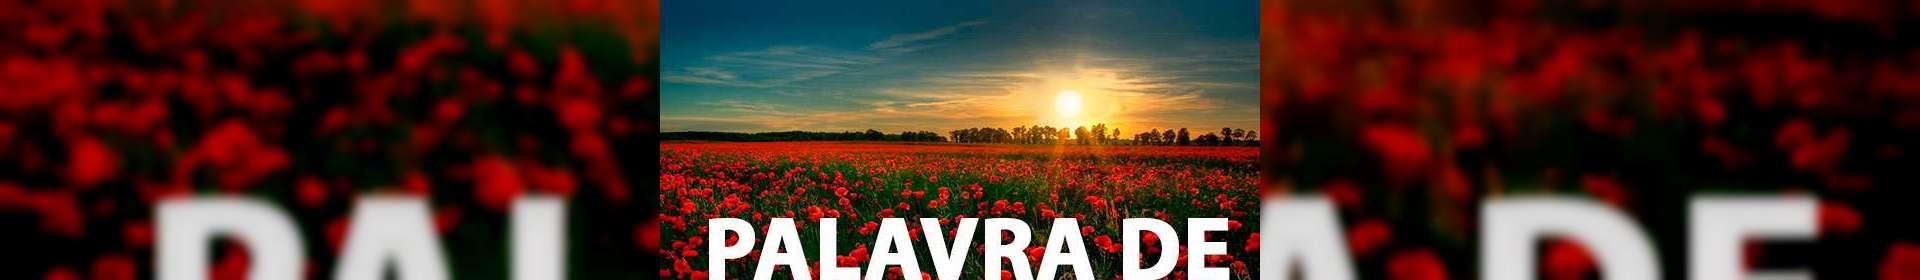 Salmos 139:14 - Uma Palavra de Esperança para sua vida